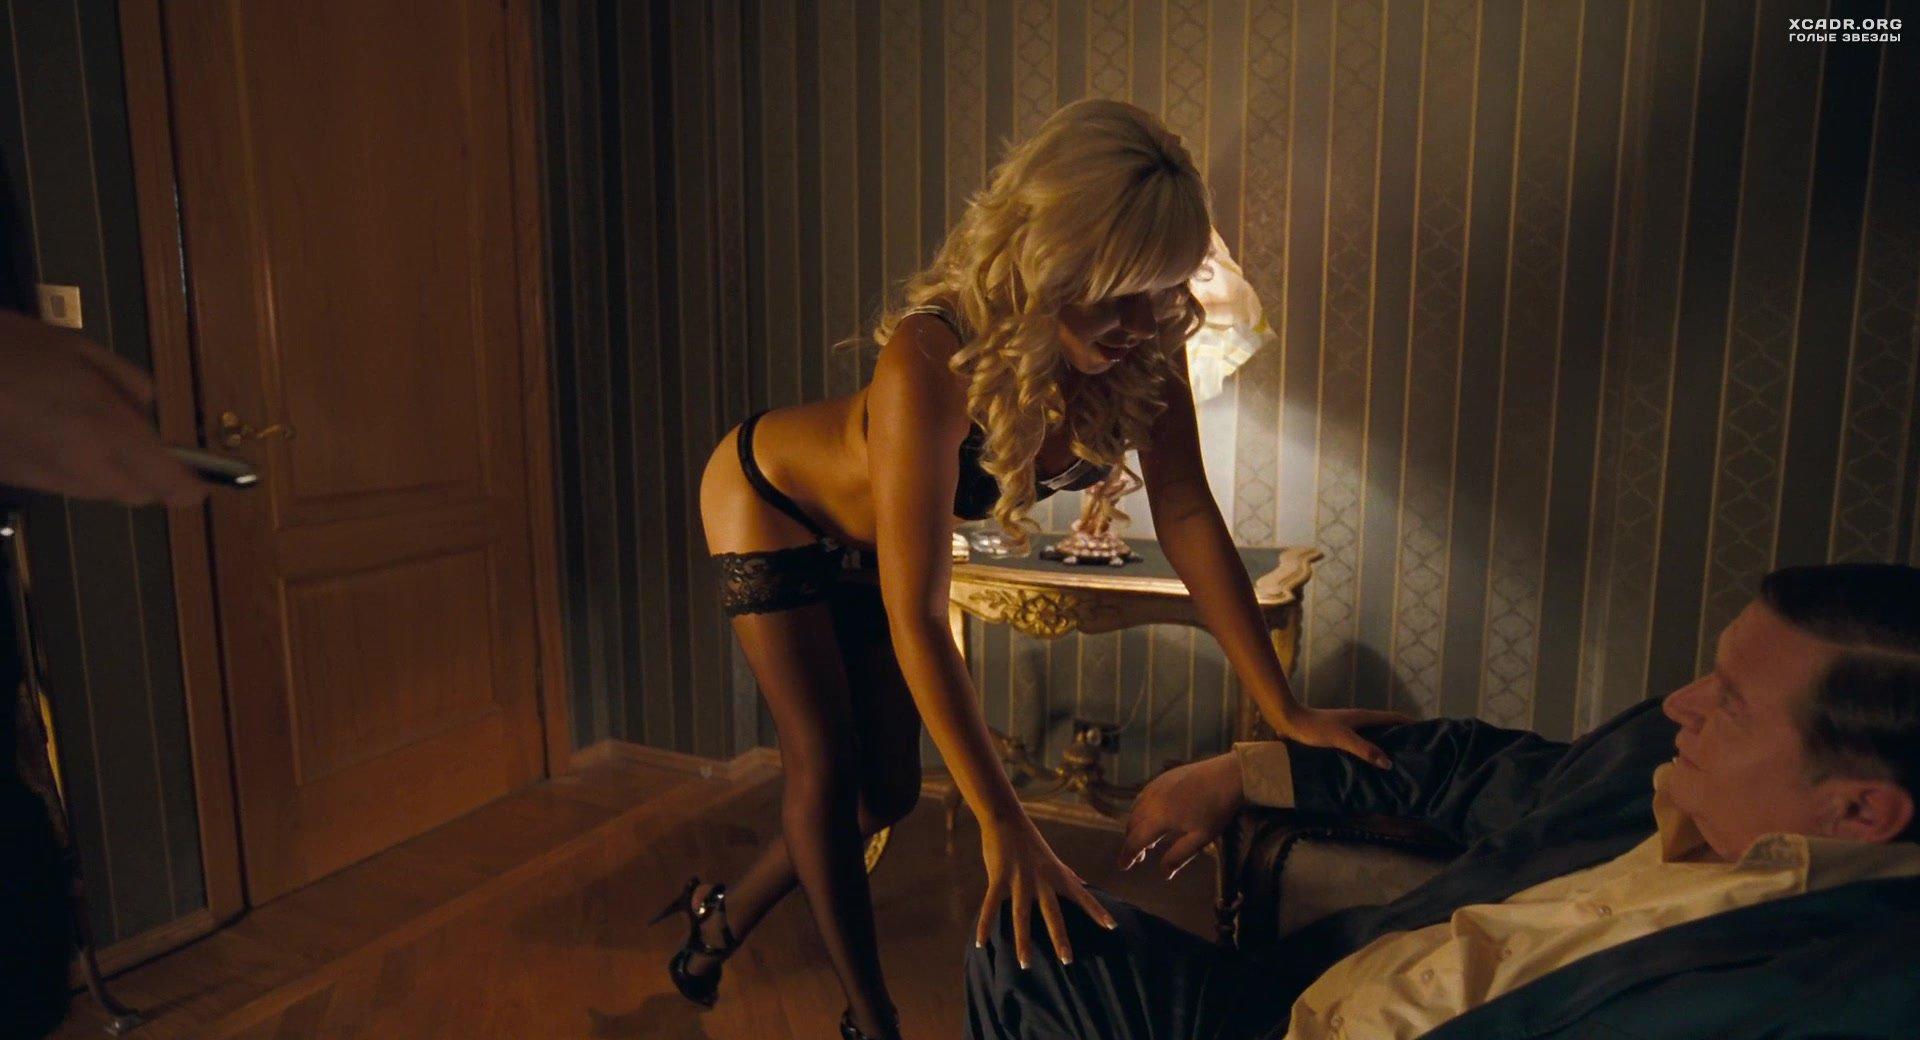 наша директриса, проститутки в кино хд таня, наверное, может